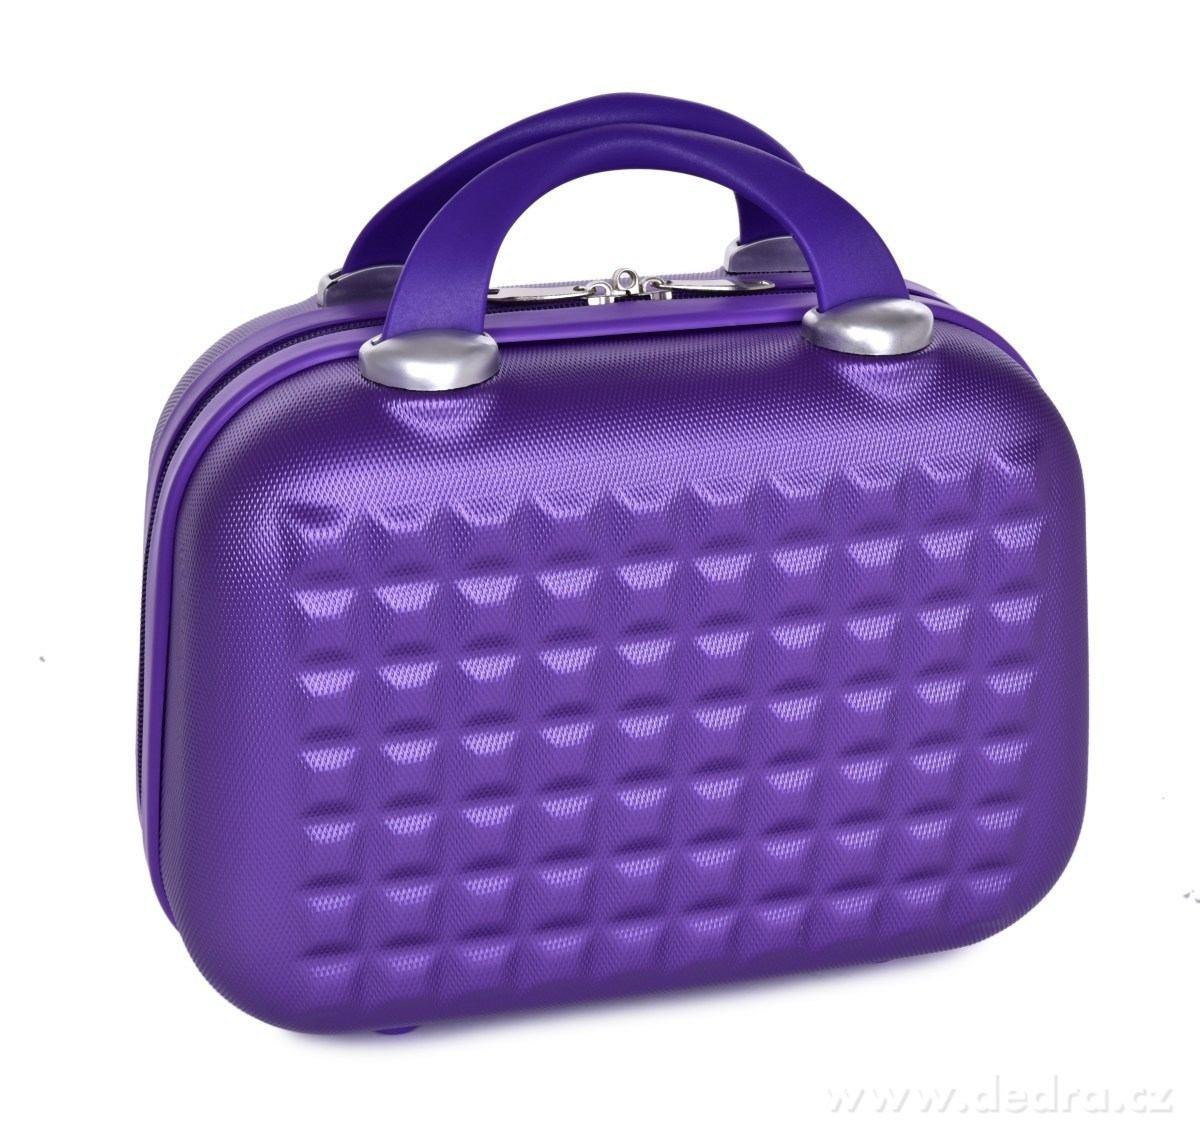 Dedra Kufr příruční menší Metalic purple 30 x 15 x 21 cm